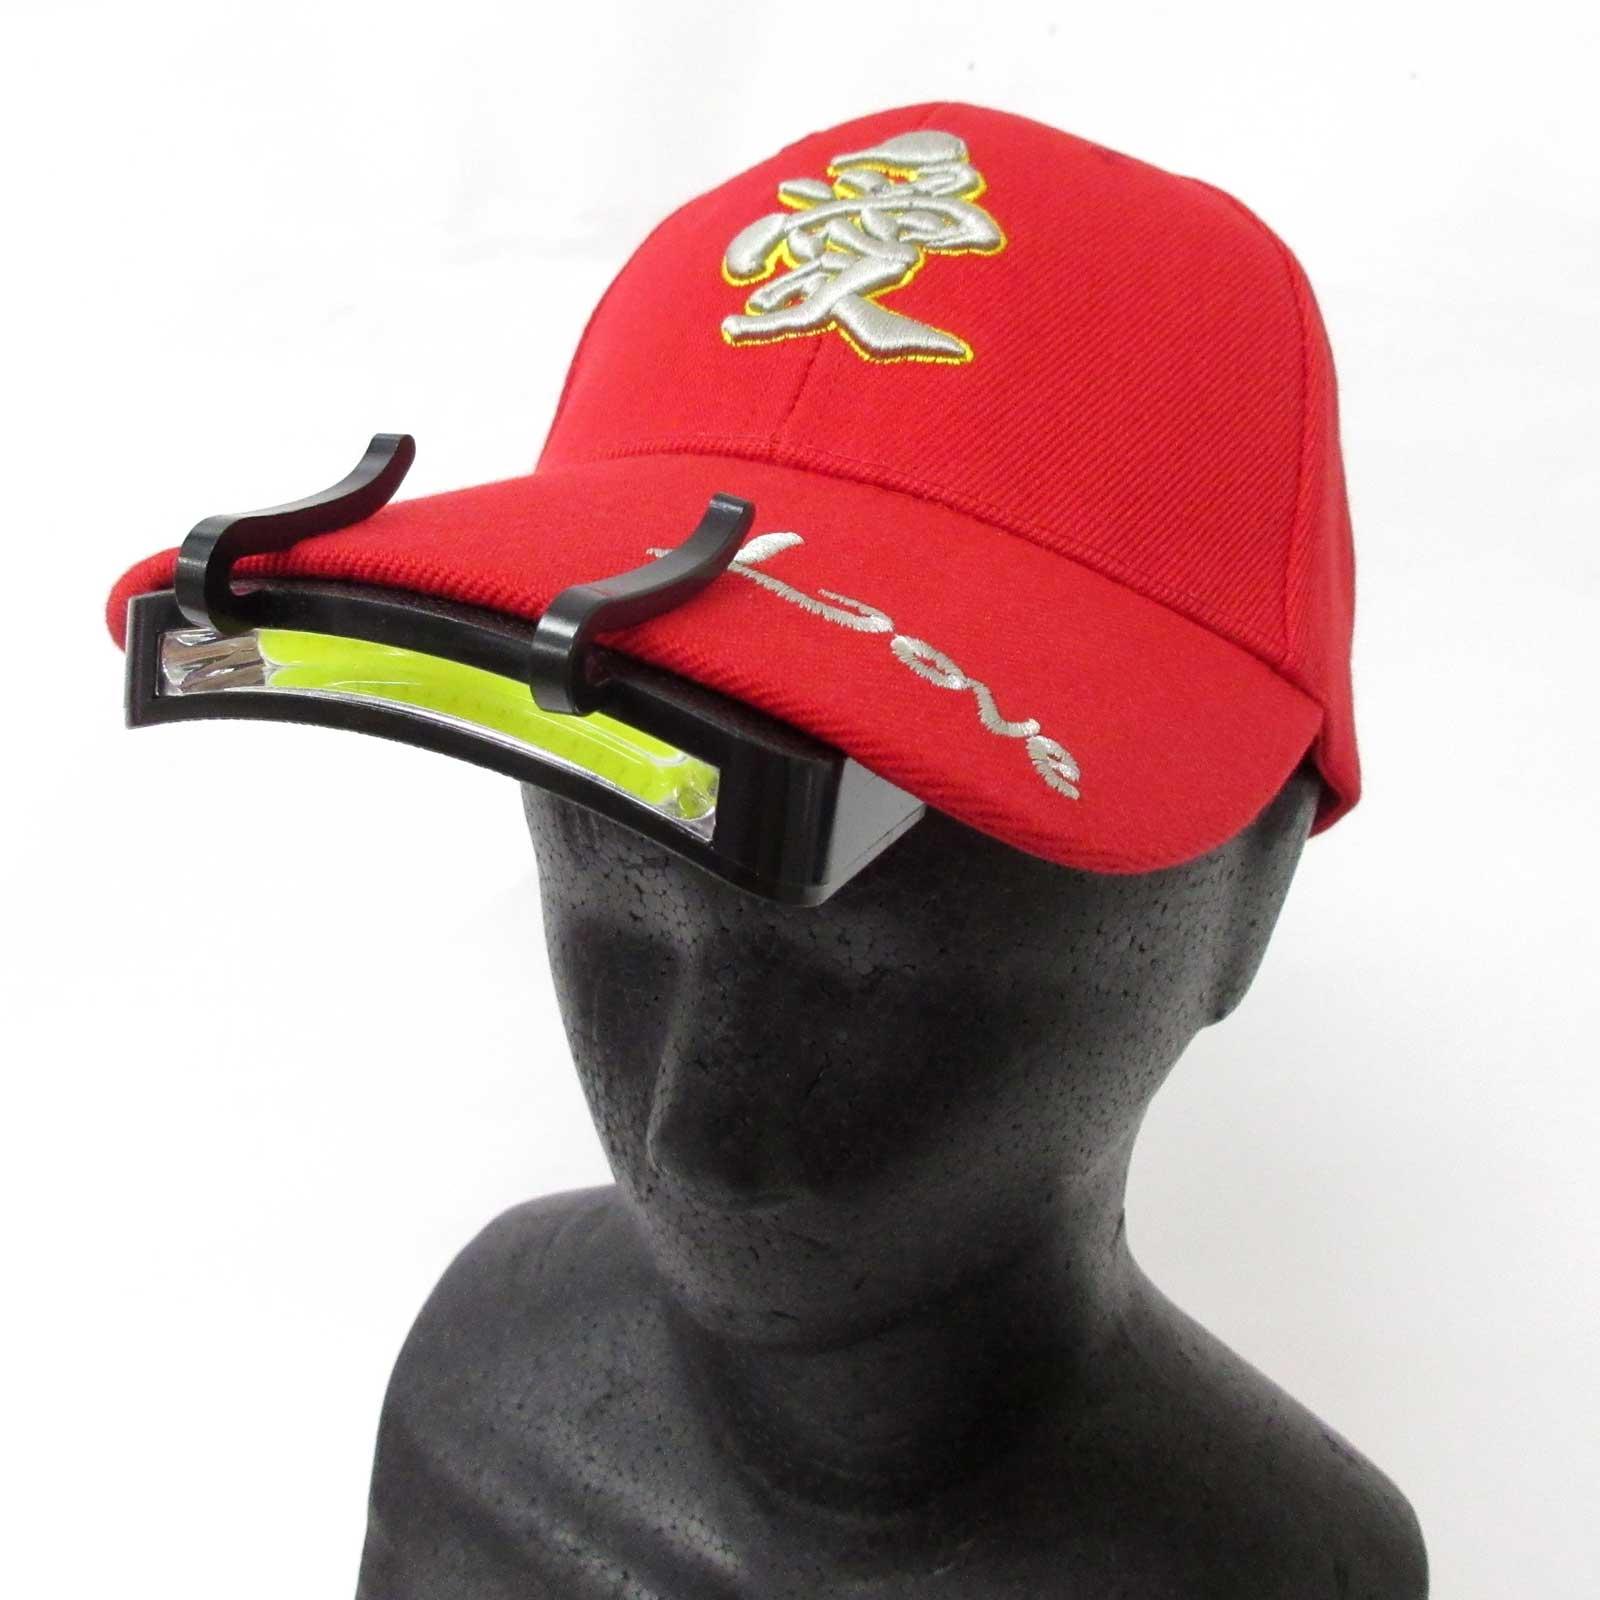 帽子につけるLEDライト 16Super LED 連続照射時間約8時間 ハンズフリーで軽作業に便利 キャンプ アウトドア レジャー 非常災害時にも役立つ